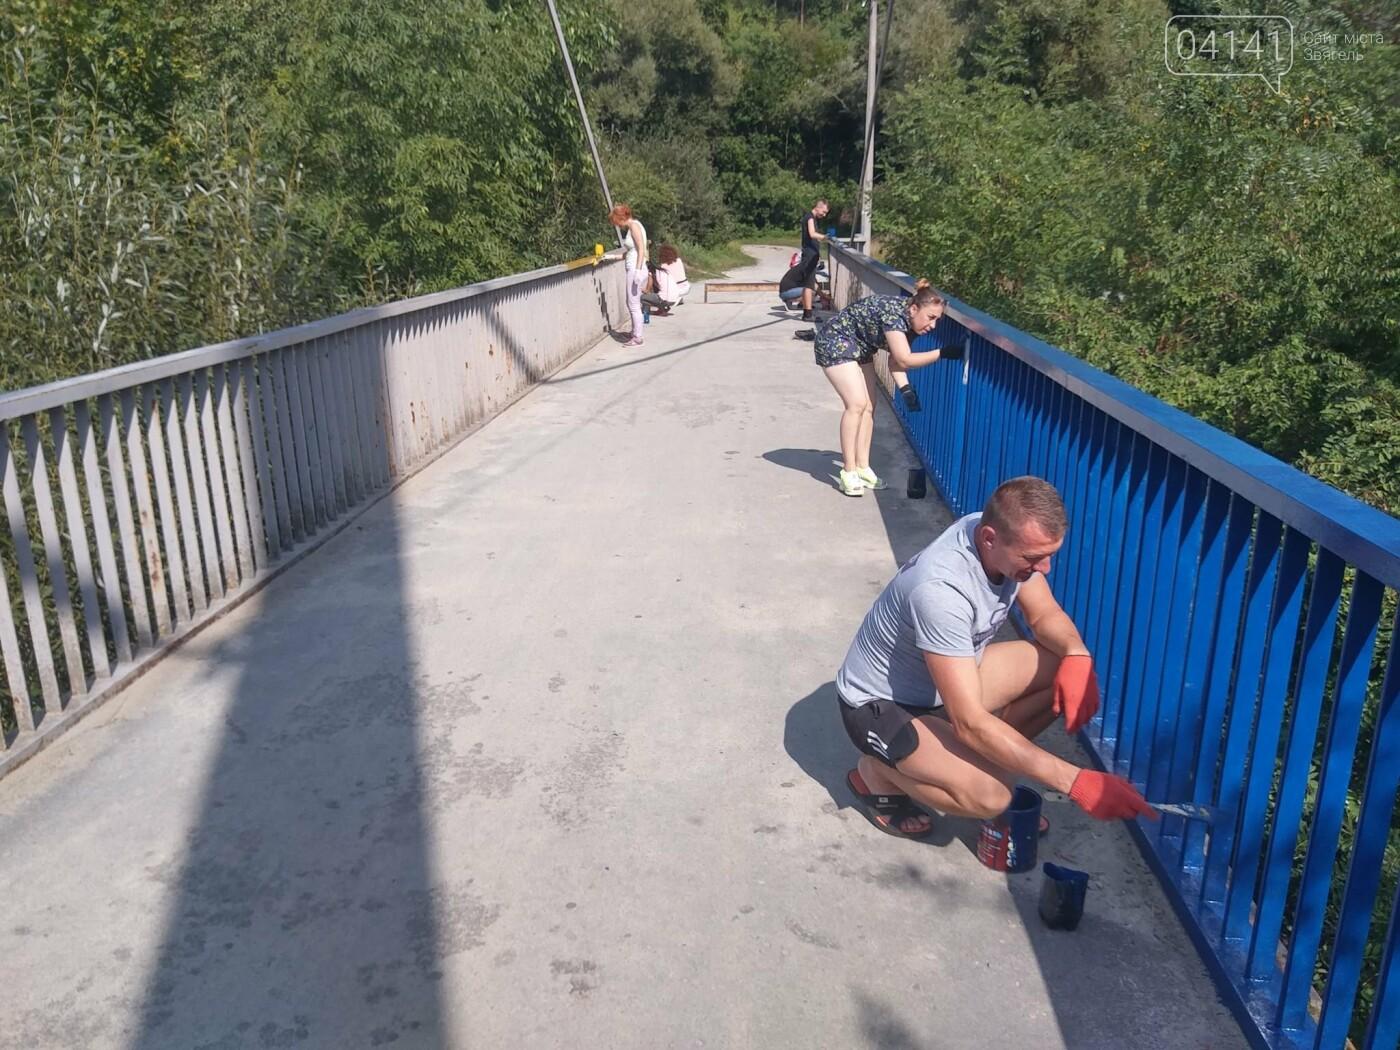 Як у Новограді-Волинському пішохідний міст фарбували (ФОТО) , фото-2